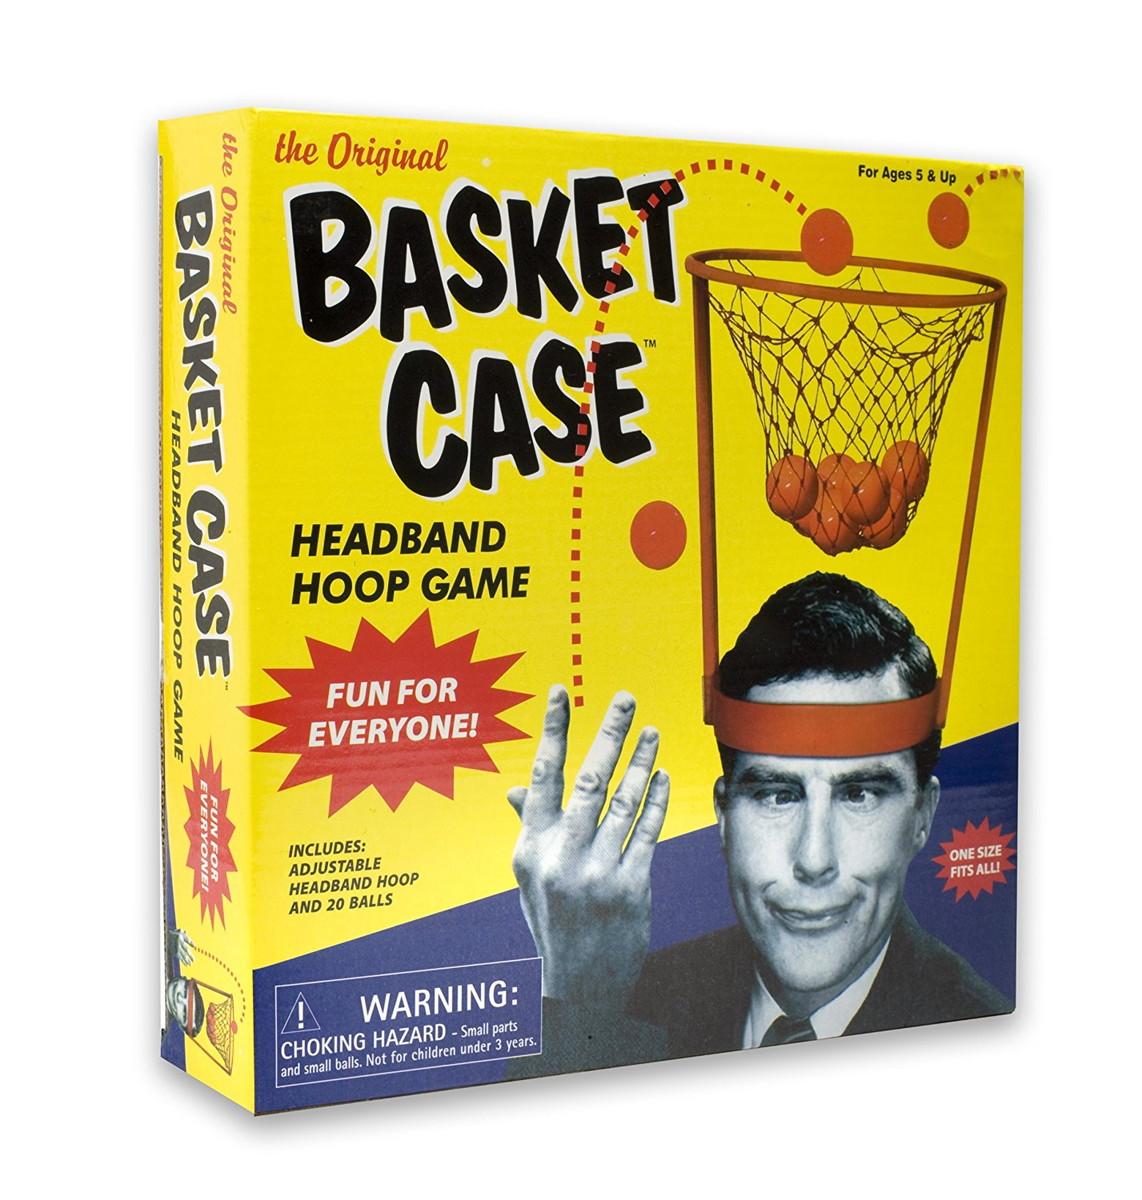 バスケットケース ボール 玉入れ かぶりもの ジョーク おもしろグッズ おもちゃ